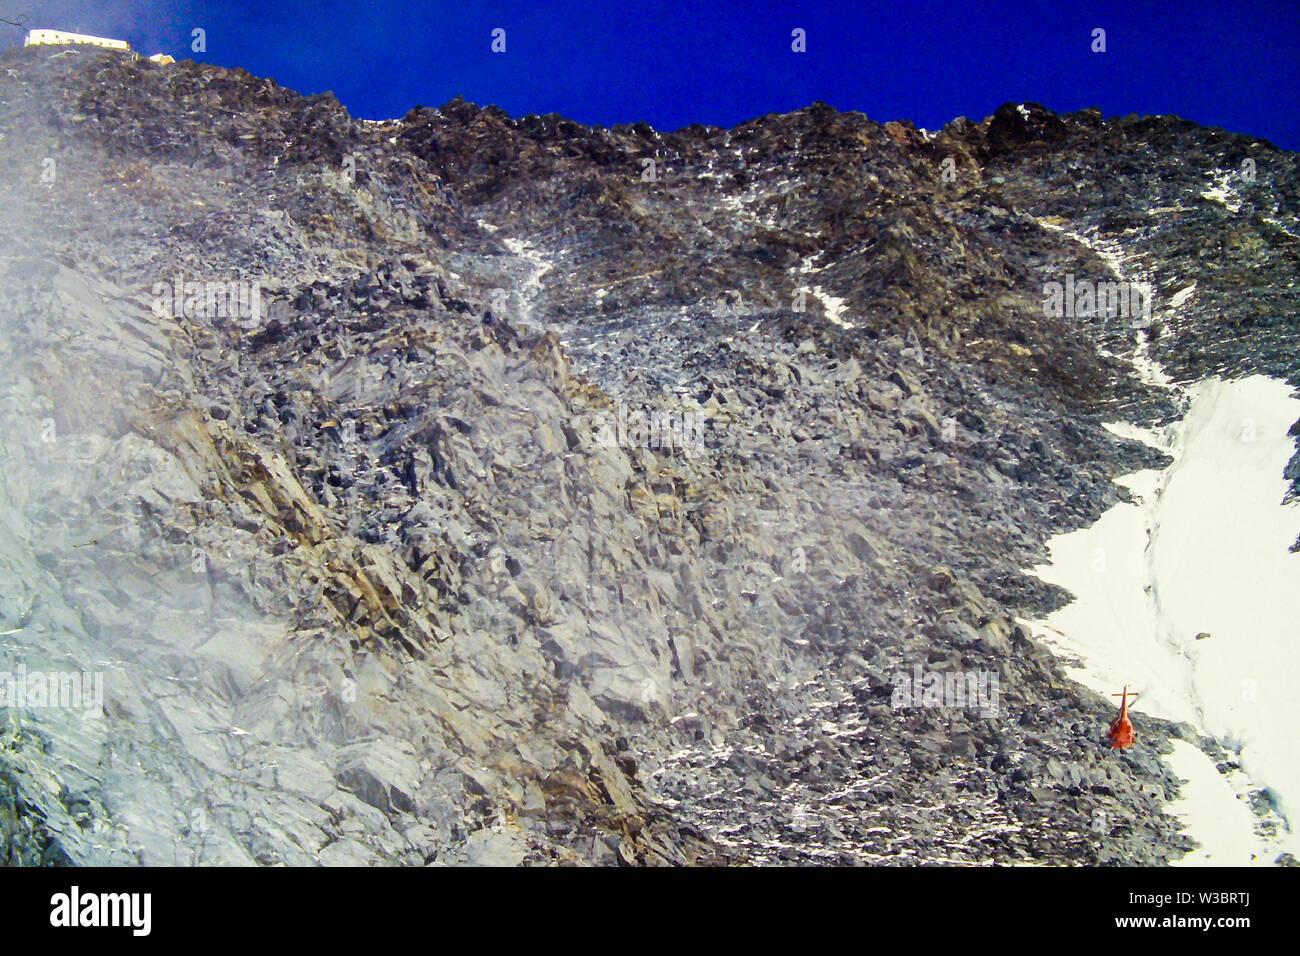 PGHM, mountain rescue unit, Chamonix, Haute-Savoie, France - Stock Image